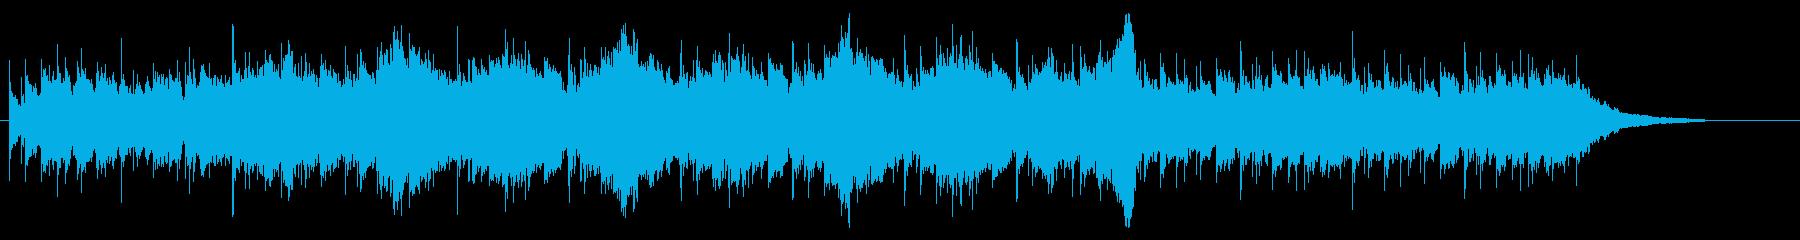 【ヒーリング】疾走感_幻想的【ループ可】の再生済みの波形